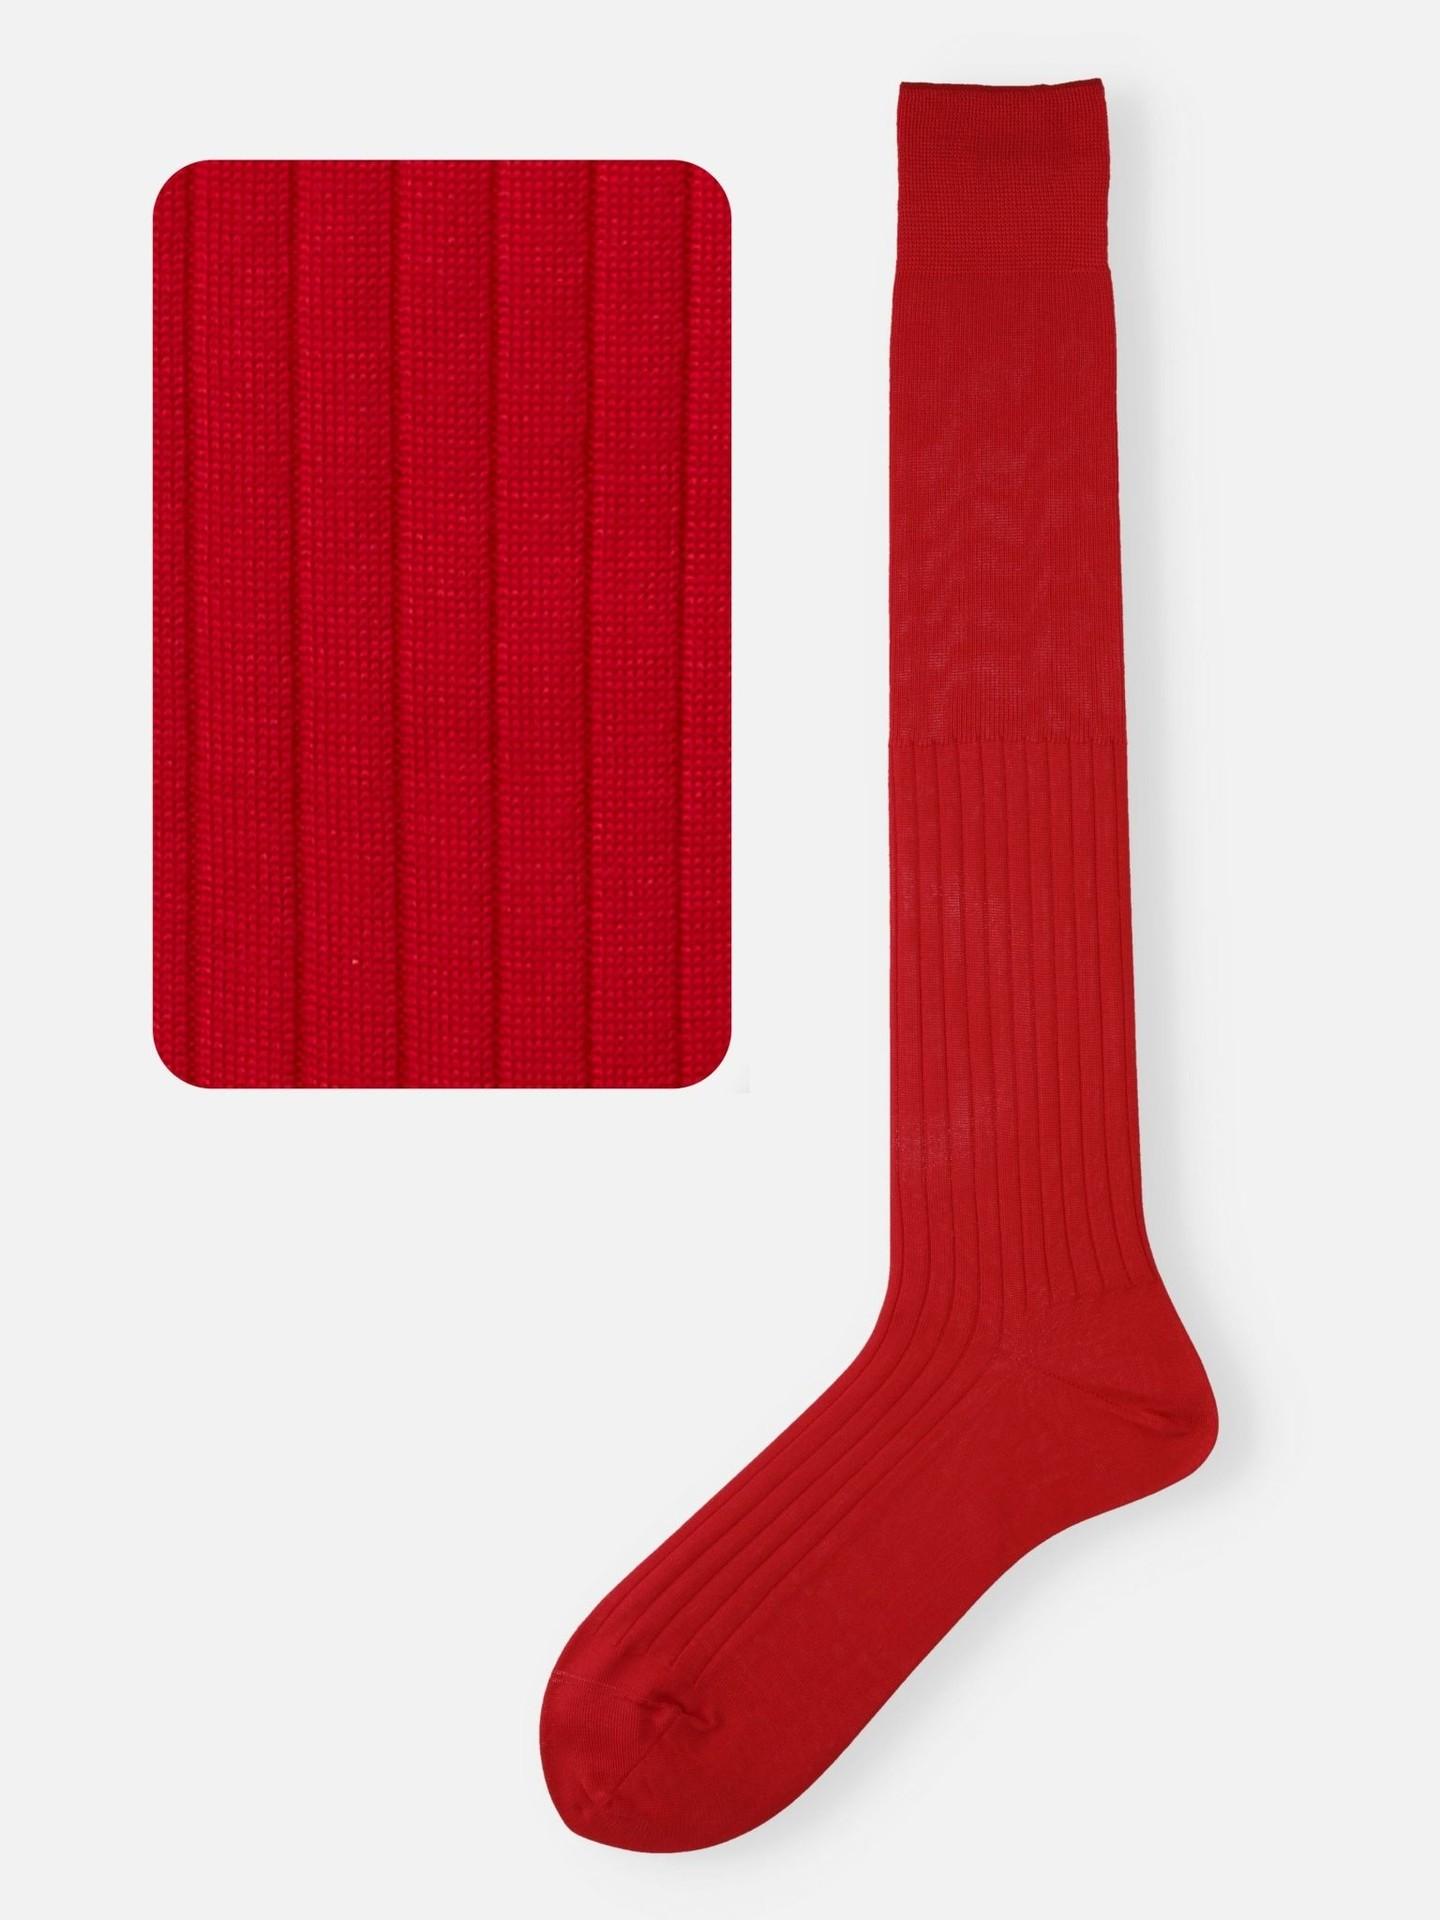 Hohe Socken in Rot